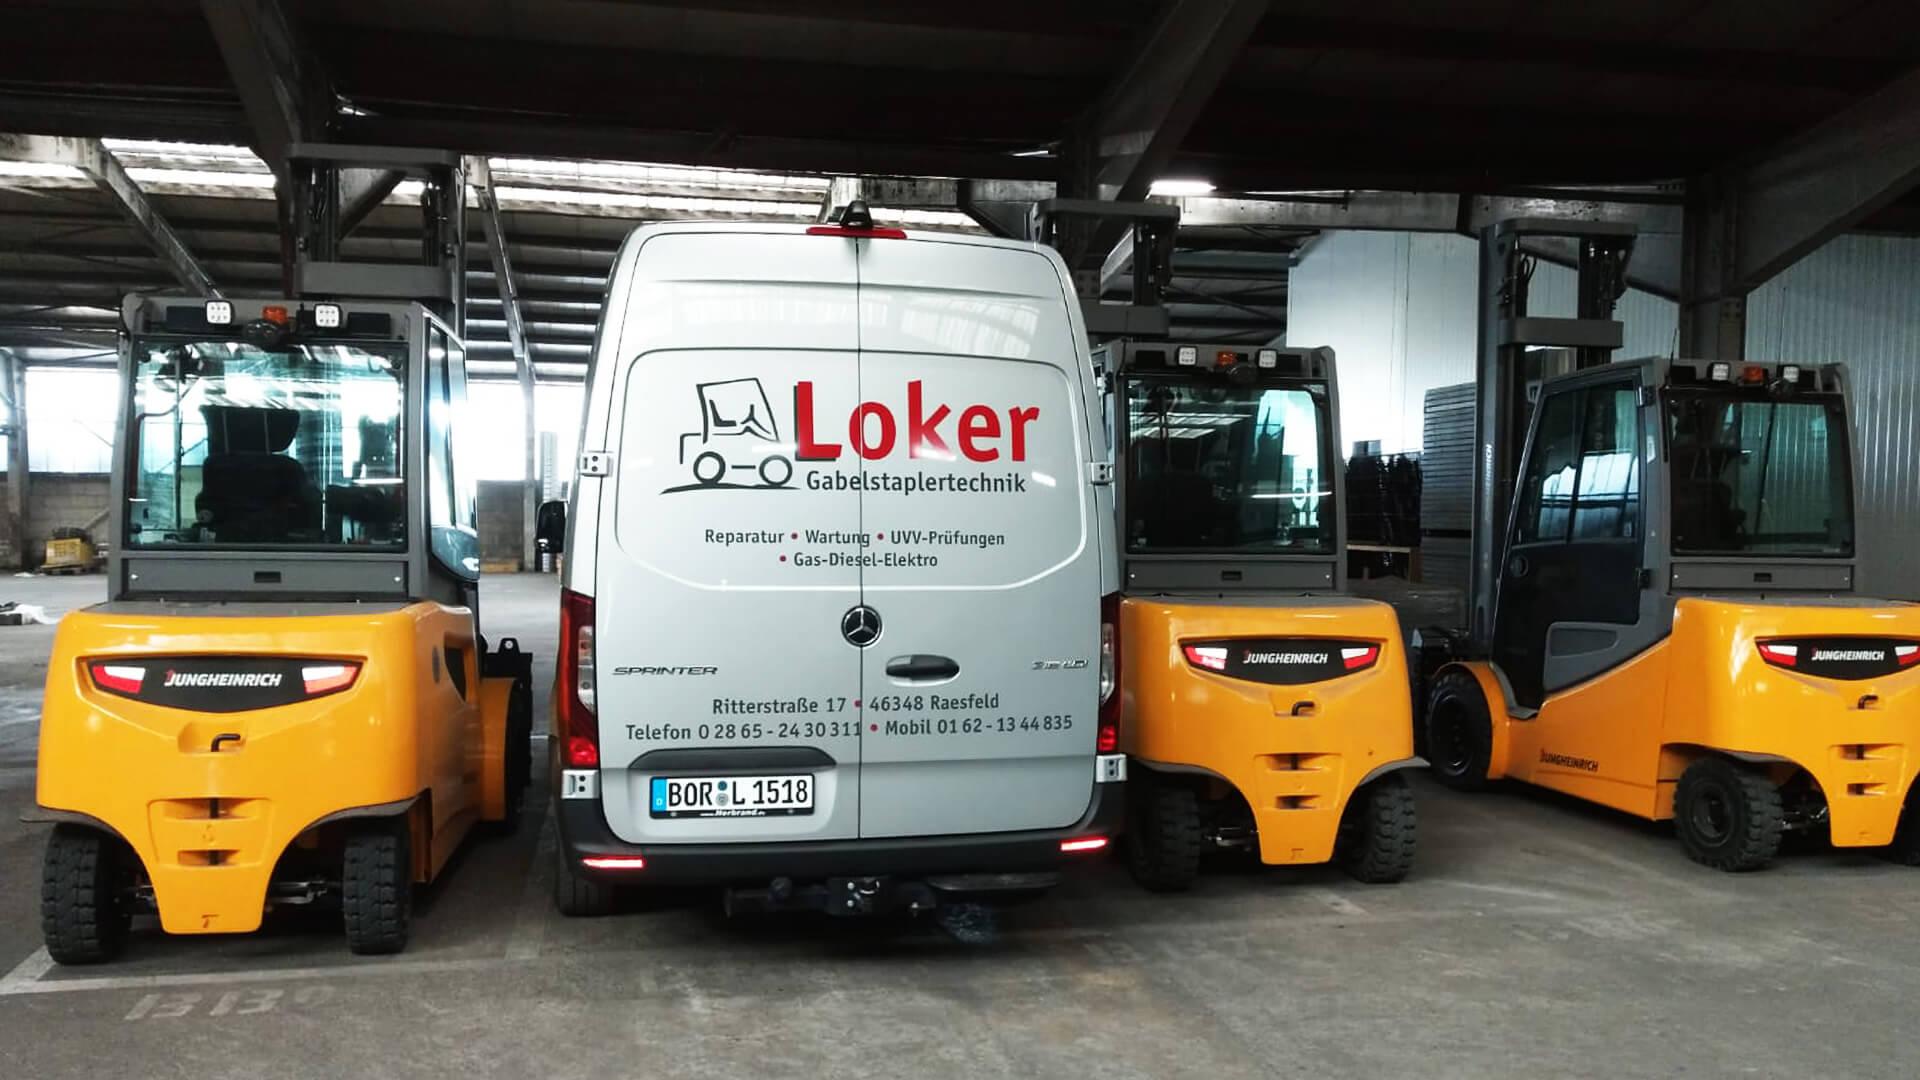 Gabelstaplertechnik Loker Raesfeld